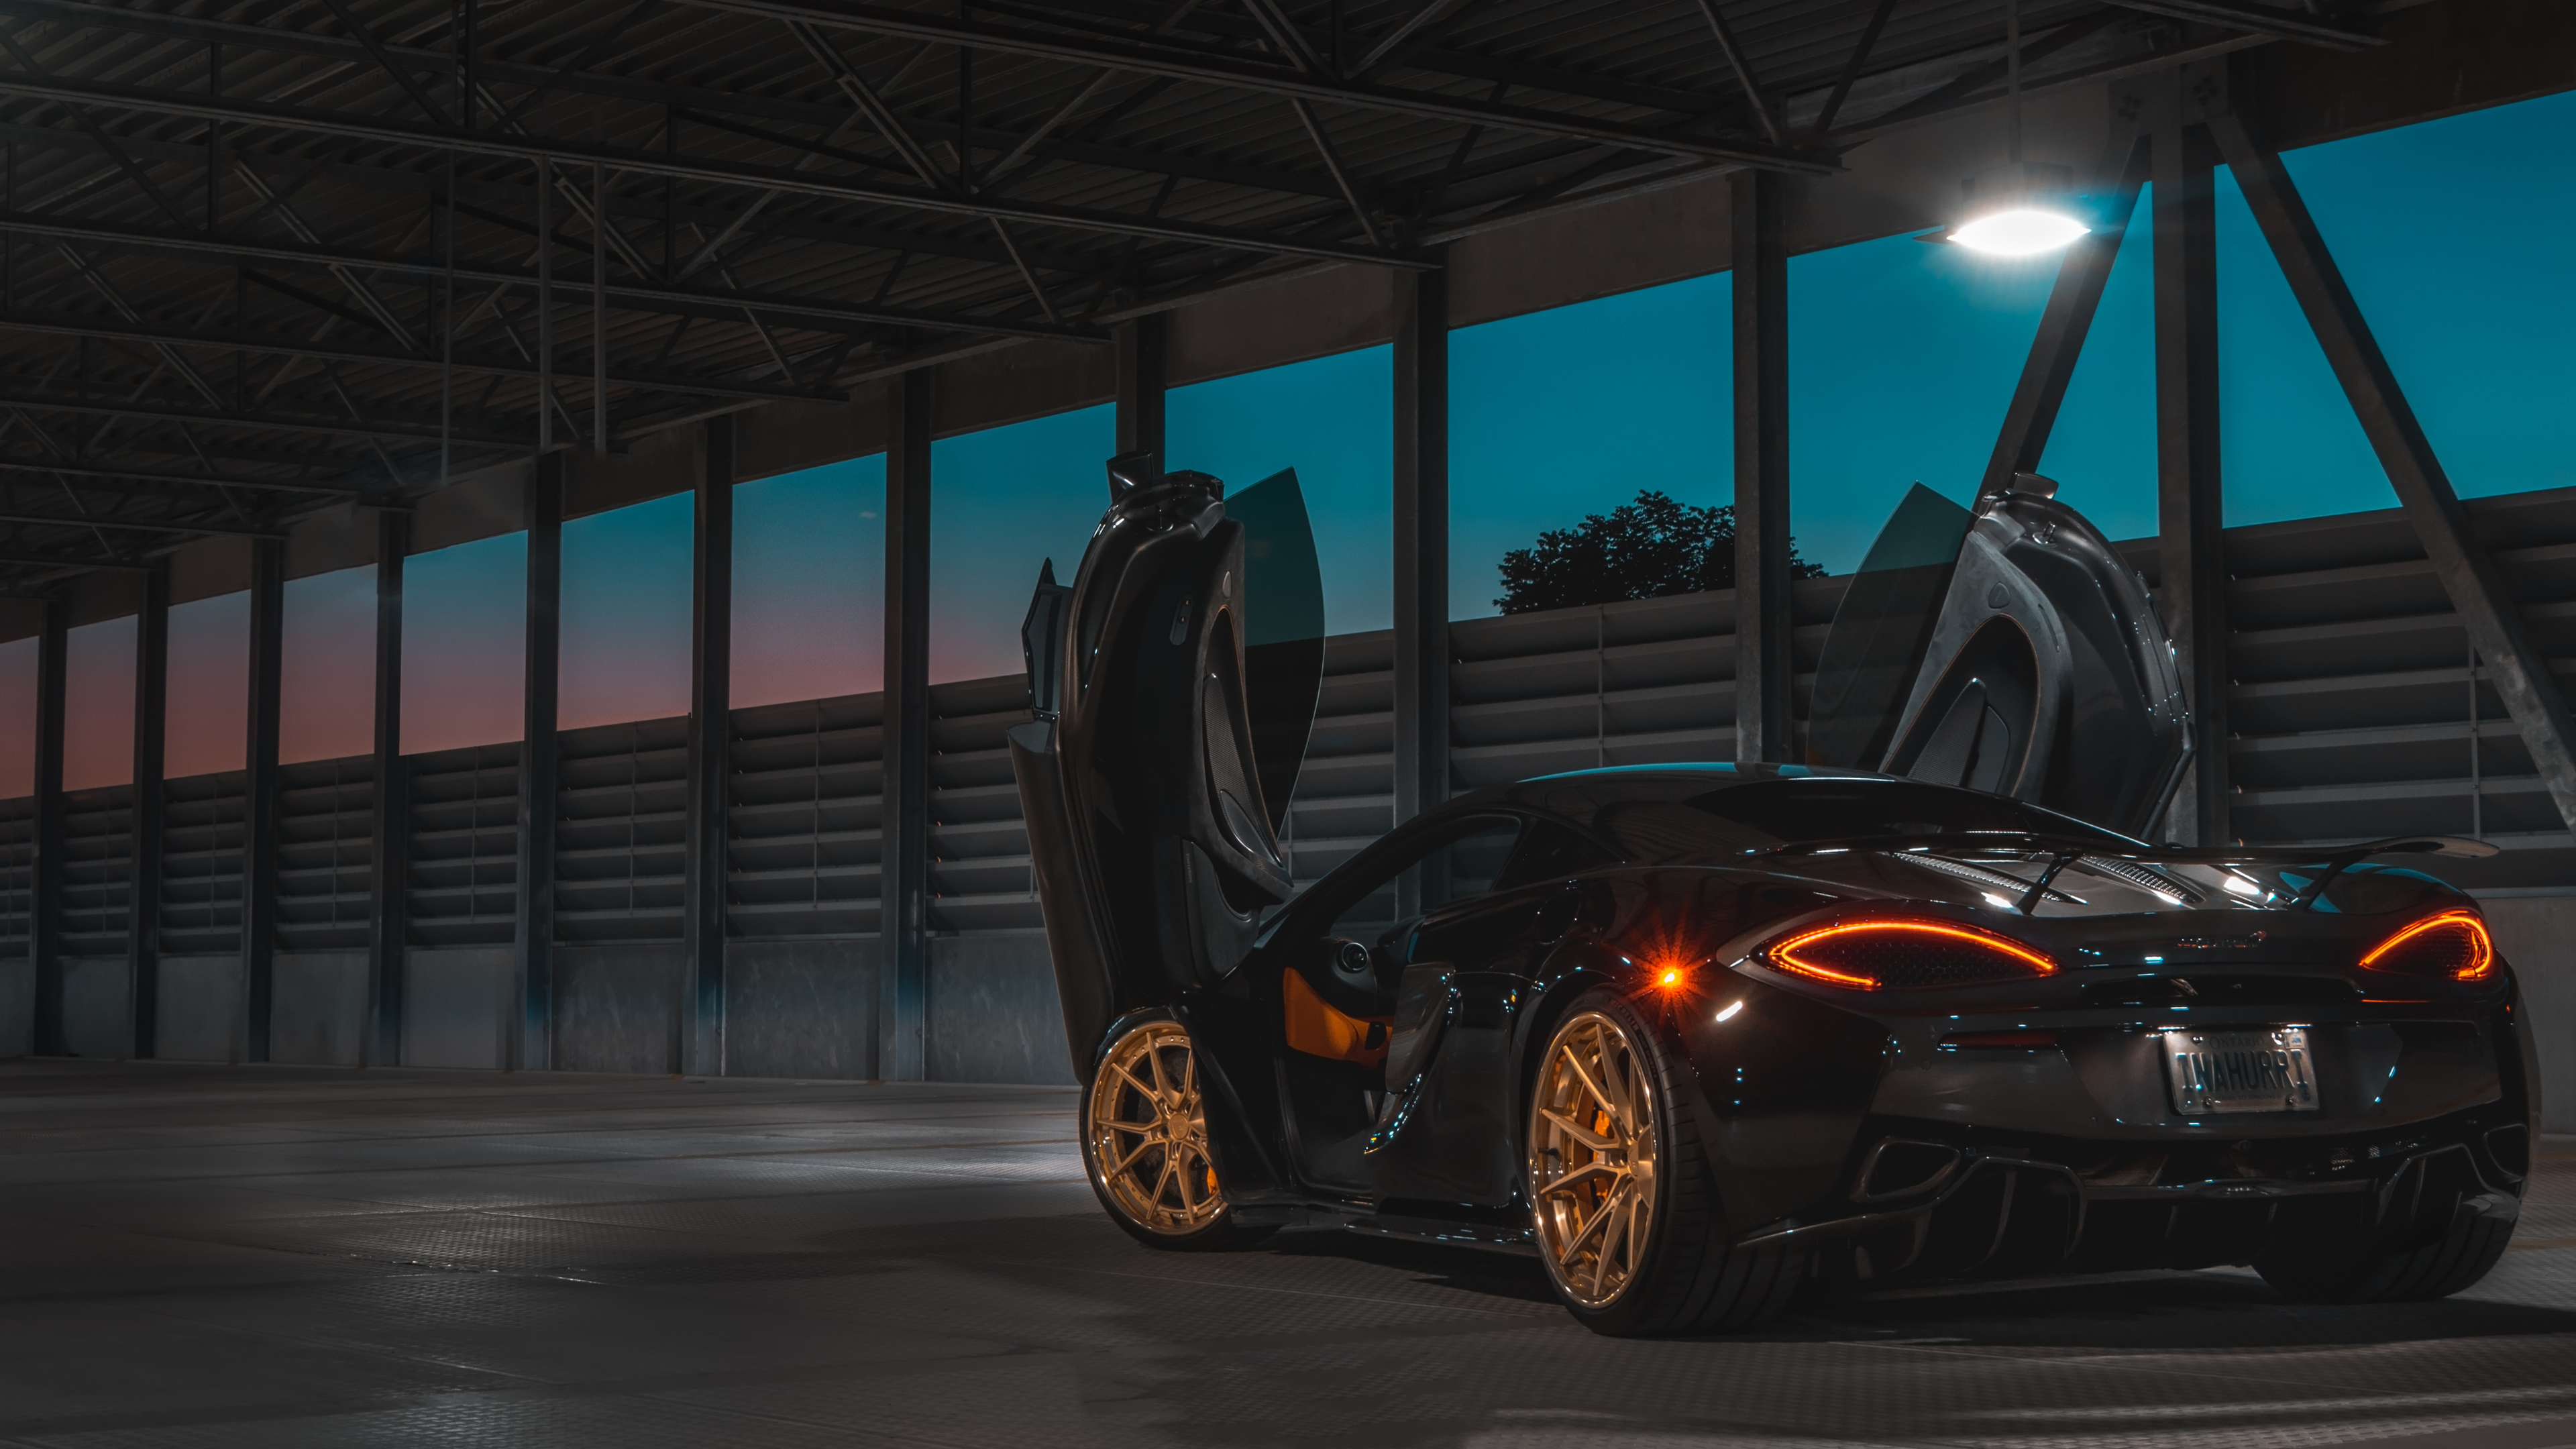 black mclaren in the night 4k 1553075743 - Black Mclaren In The Night 4k - mclaren wallpapers, hd-wallpapers, cars wallpapers, 4k-wallpapers